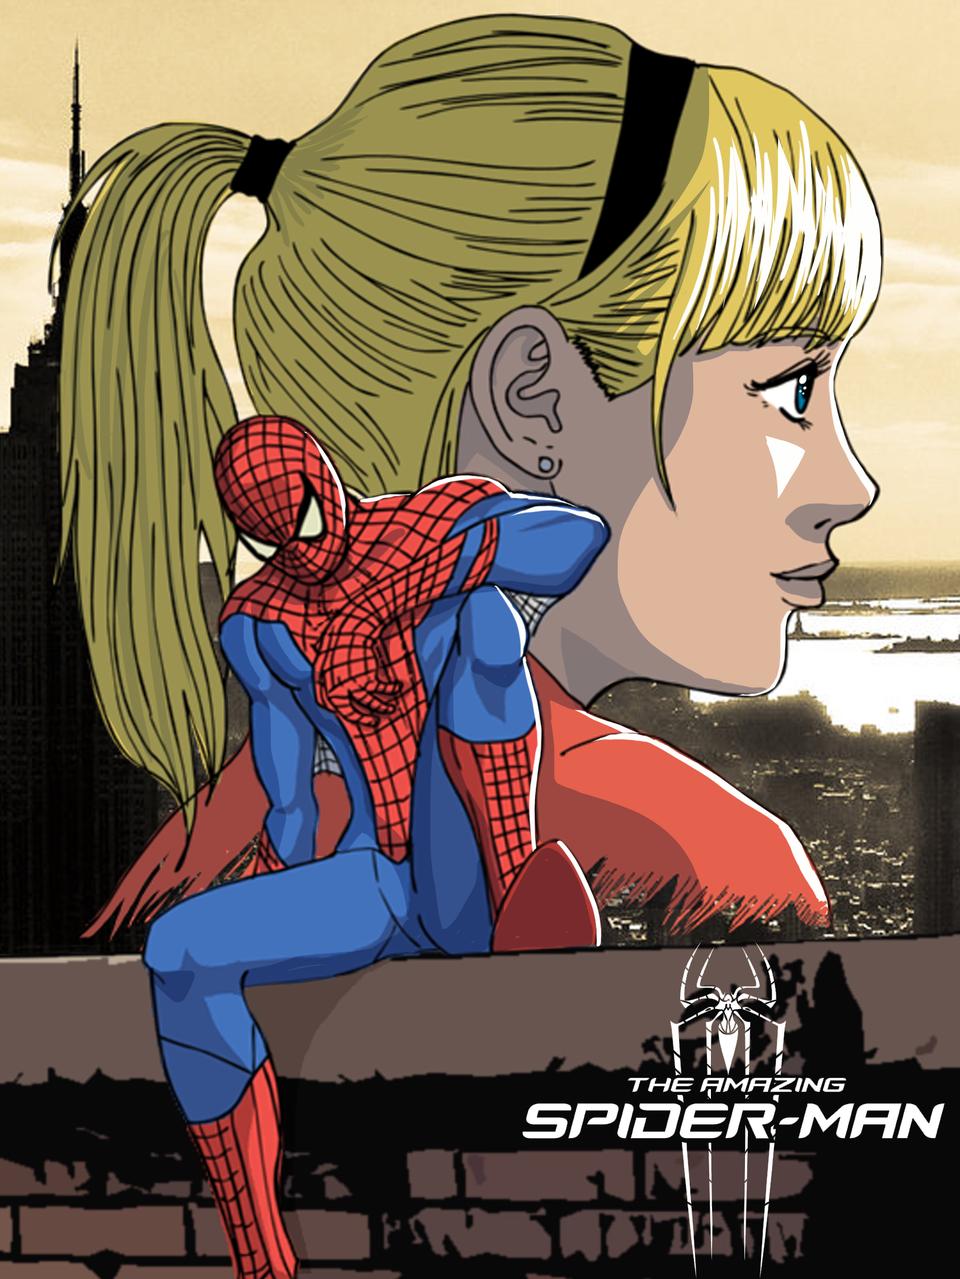 amazing spiderman Illust of Rogeru superhero illustration araña Spider-Man Ilustration spidey hombre